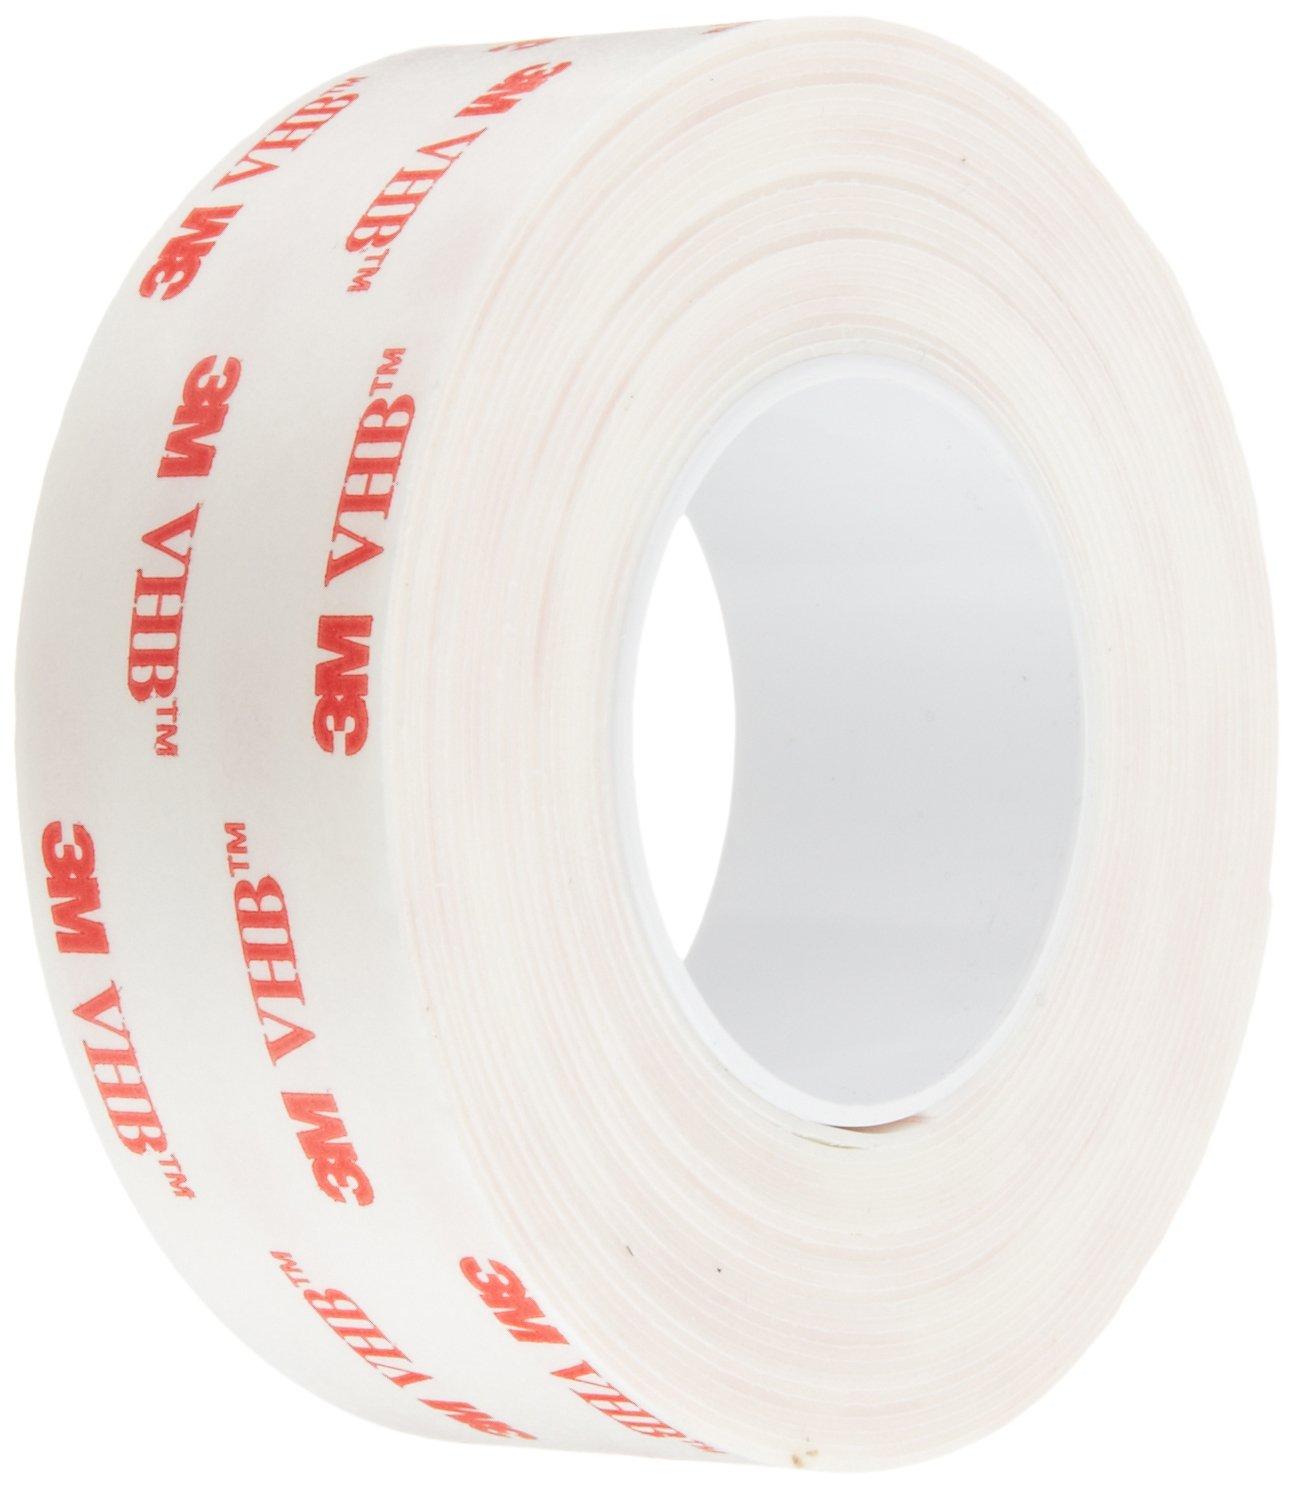 3M VHB Tape 4930, 1 in width x 5 yd length (1 Roll)